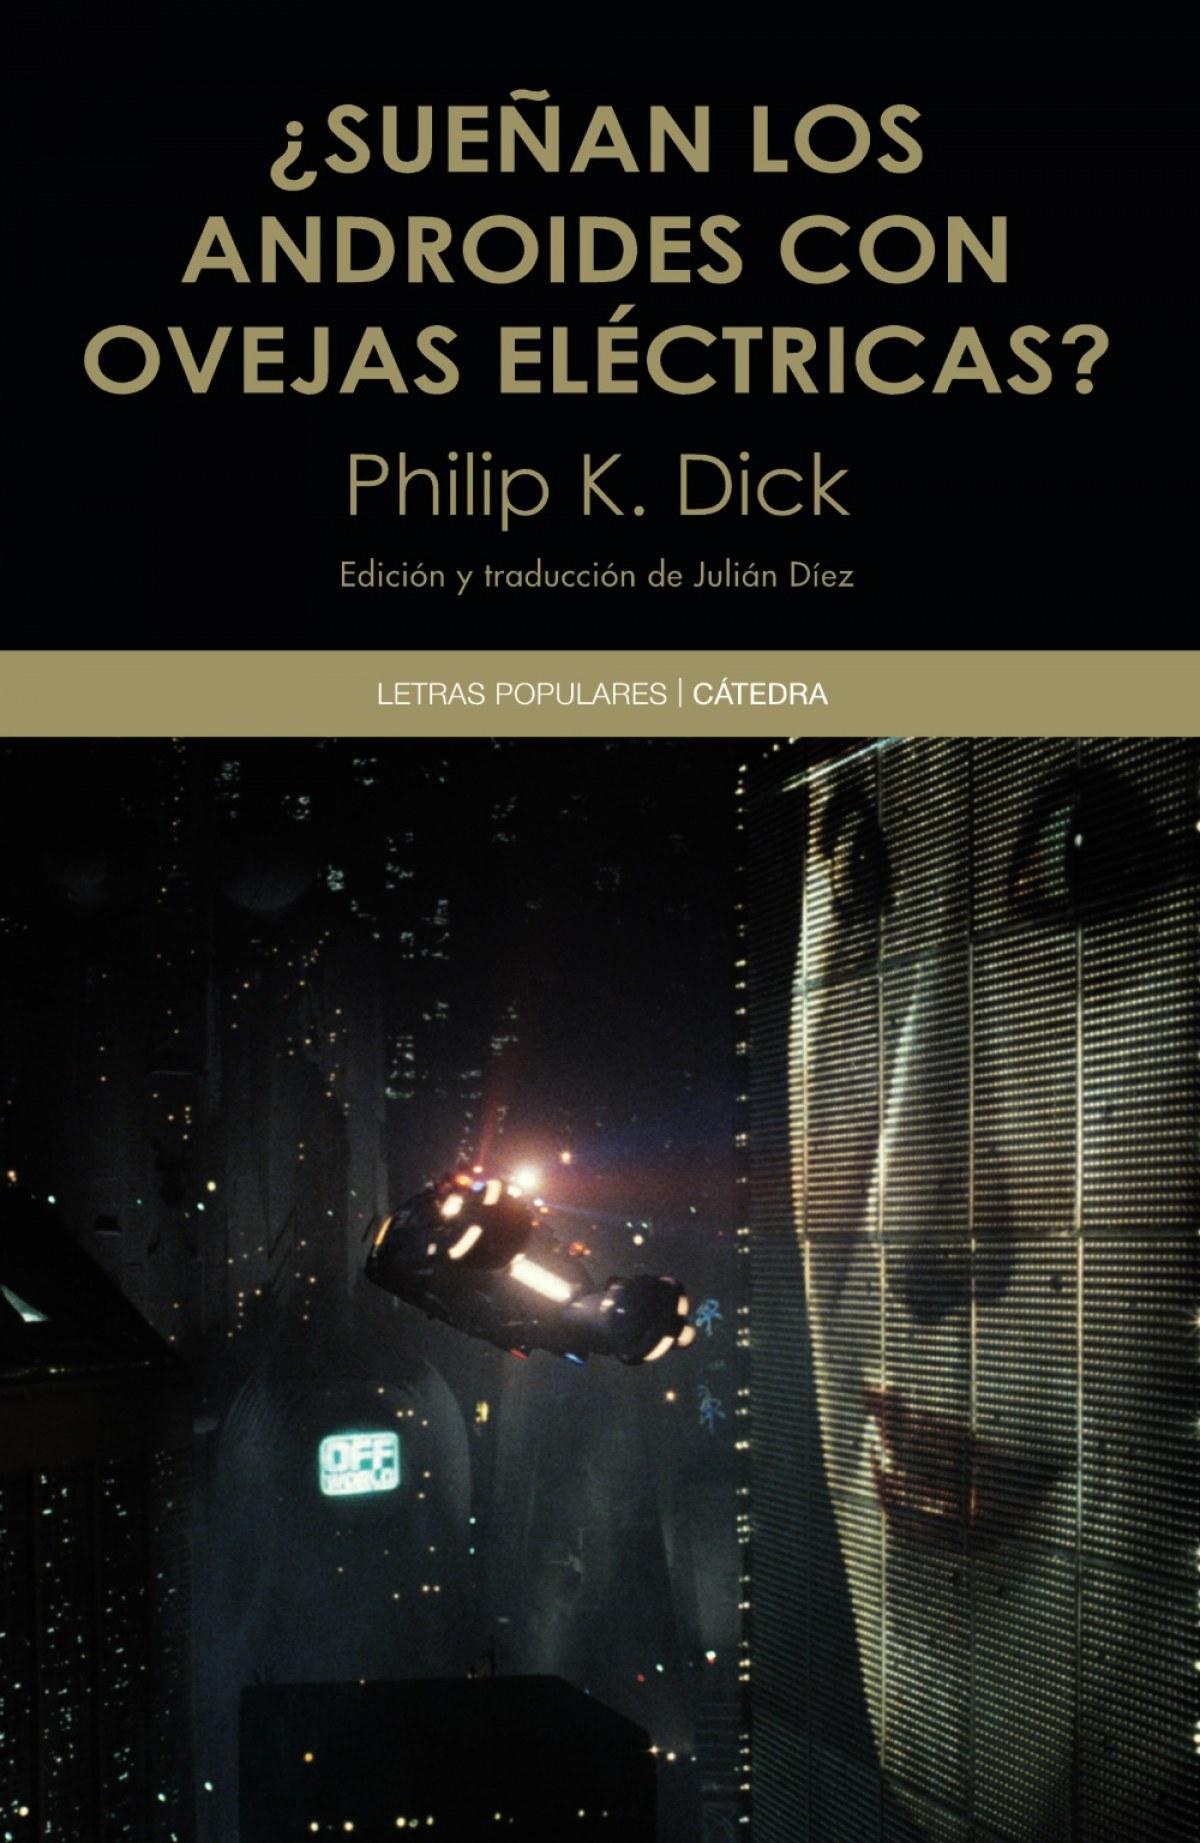 ¿Sueñan los androides con ovejas eléctricas? 9788437634555